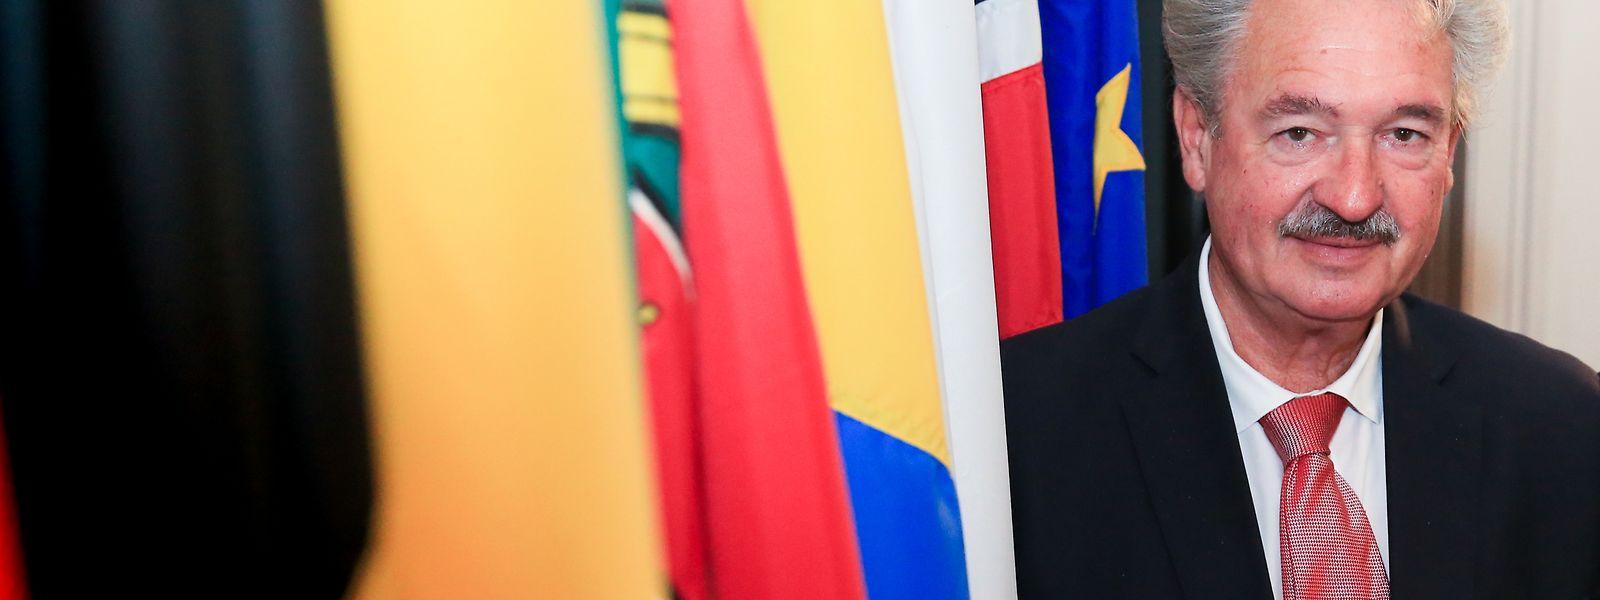 Jean Asselborn é o anfitrião da reunião dos ministros dos Negócios Estrangeiros no Luxemburgo.